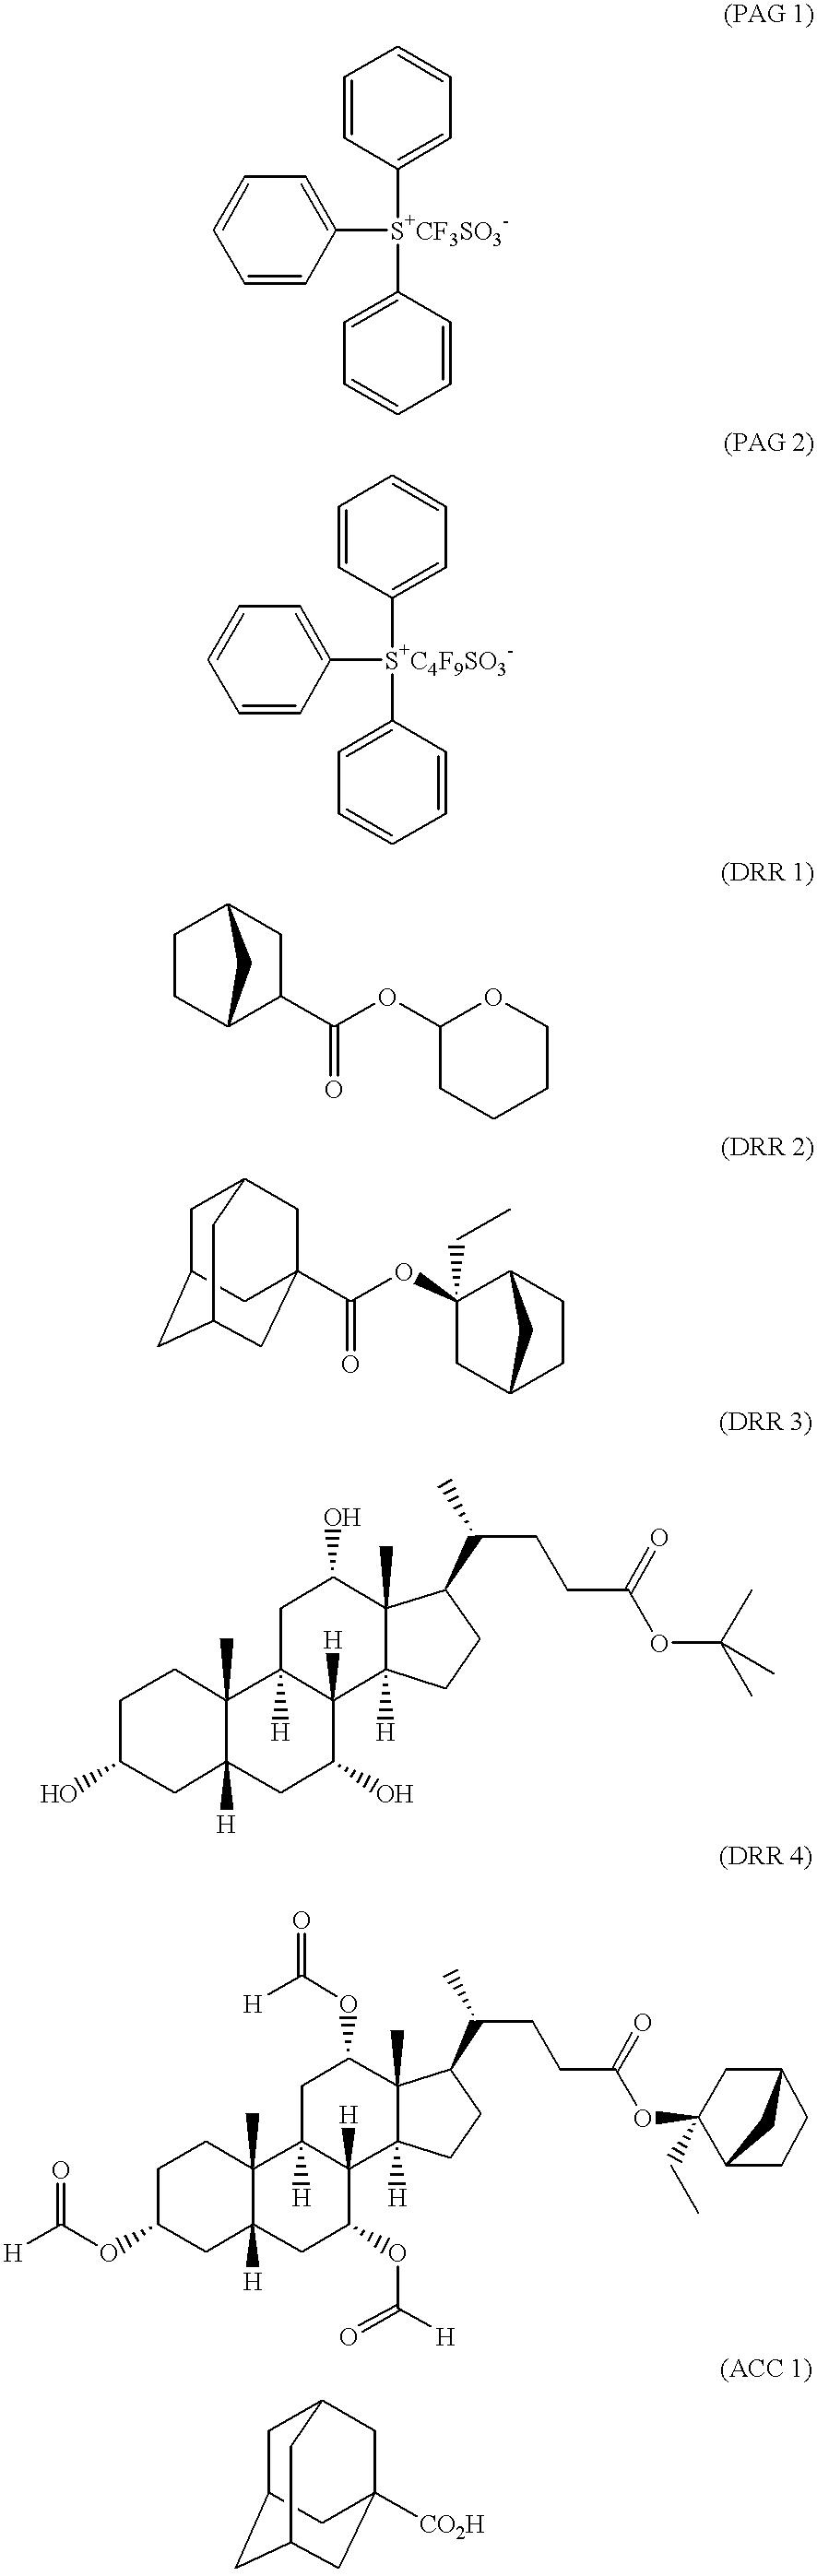 Figure US06531627-20030311-C00047